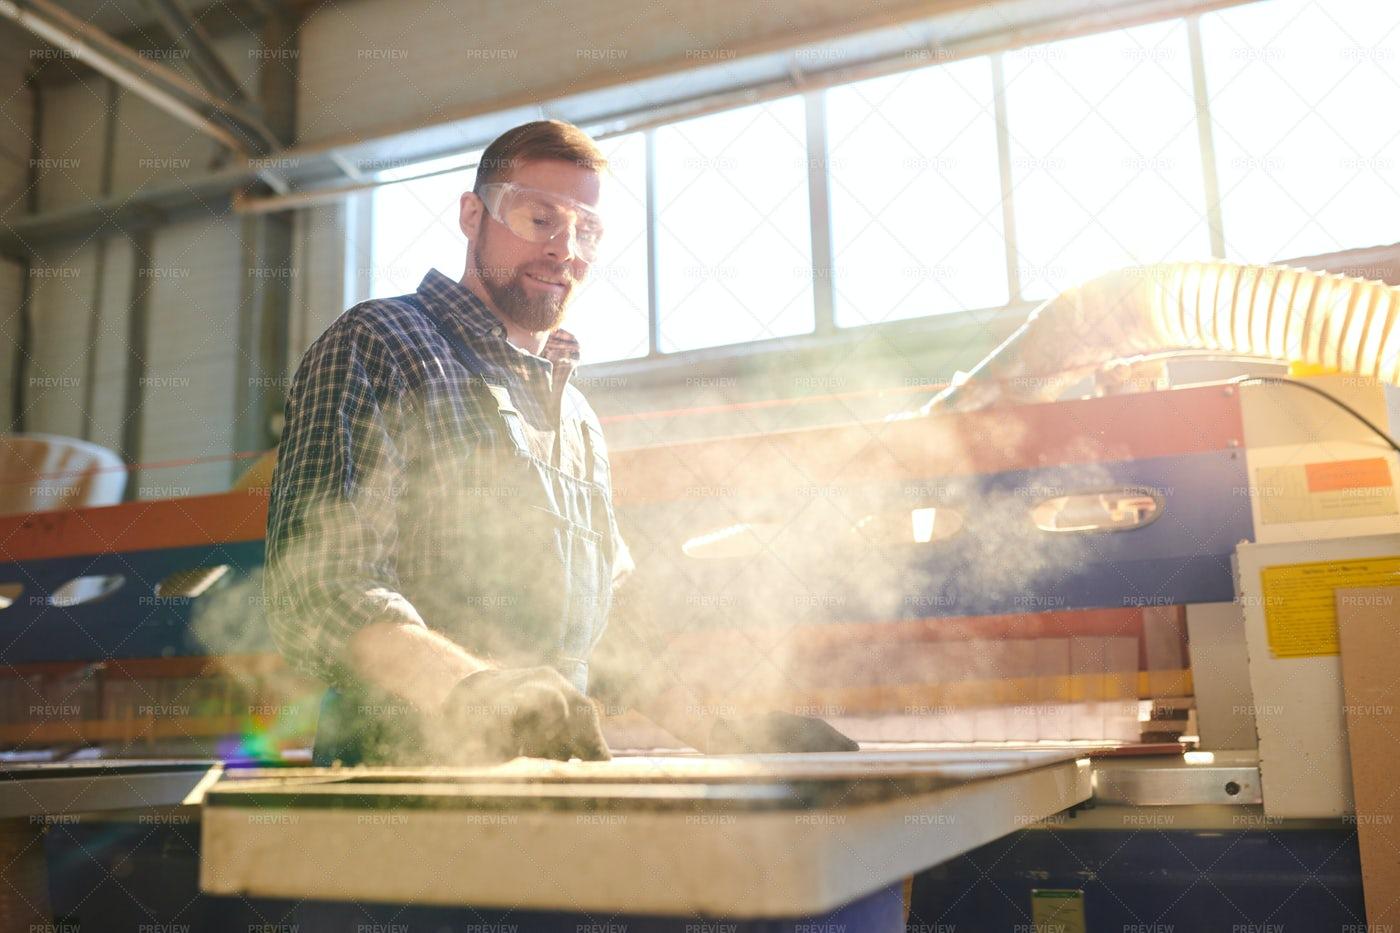 Bearded Employee Working In Dusty...: Stock Photos